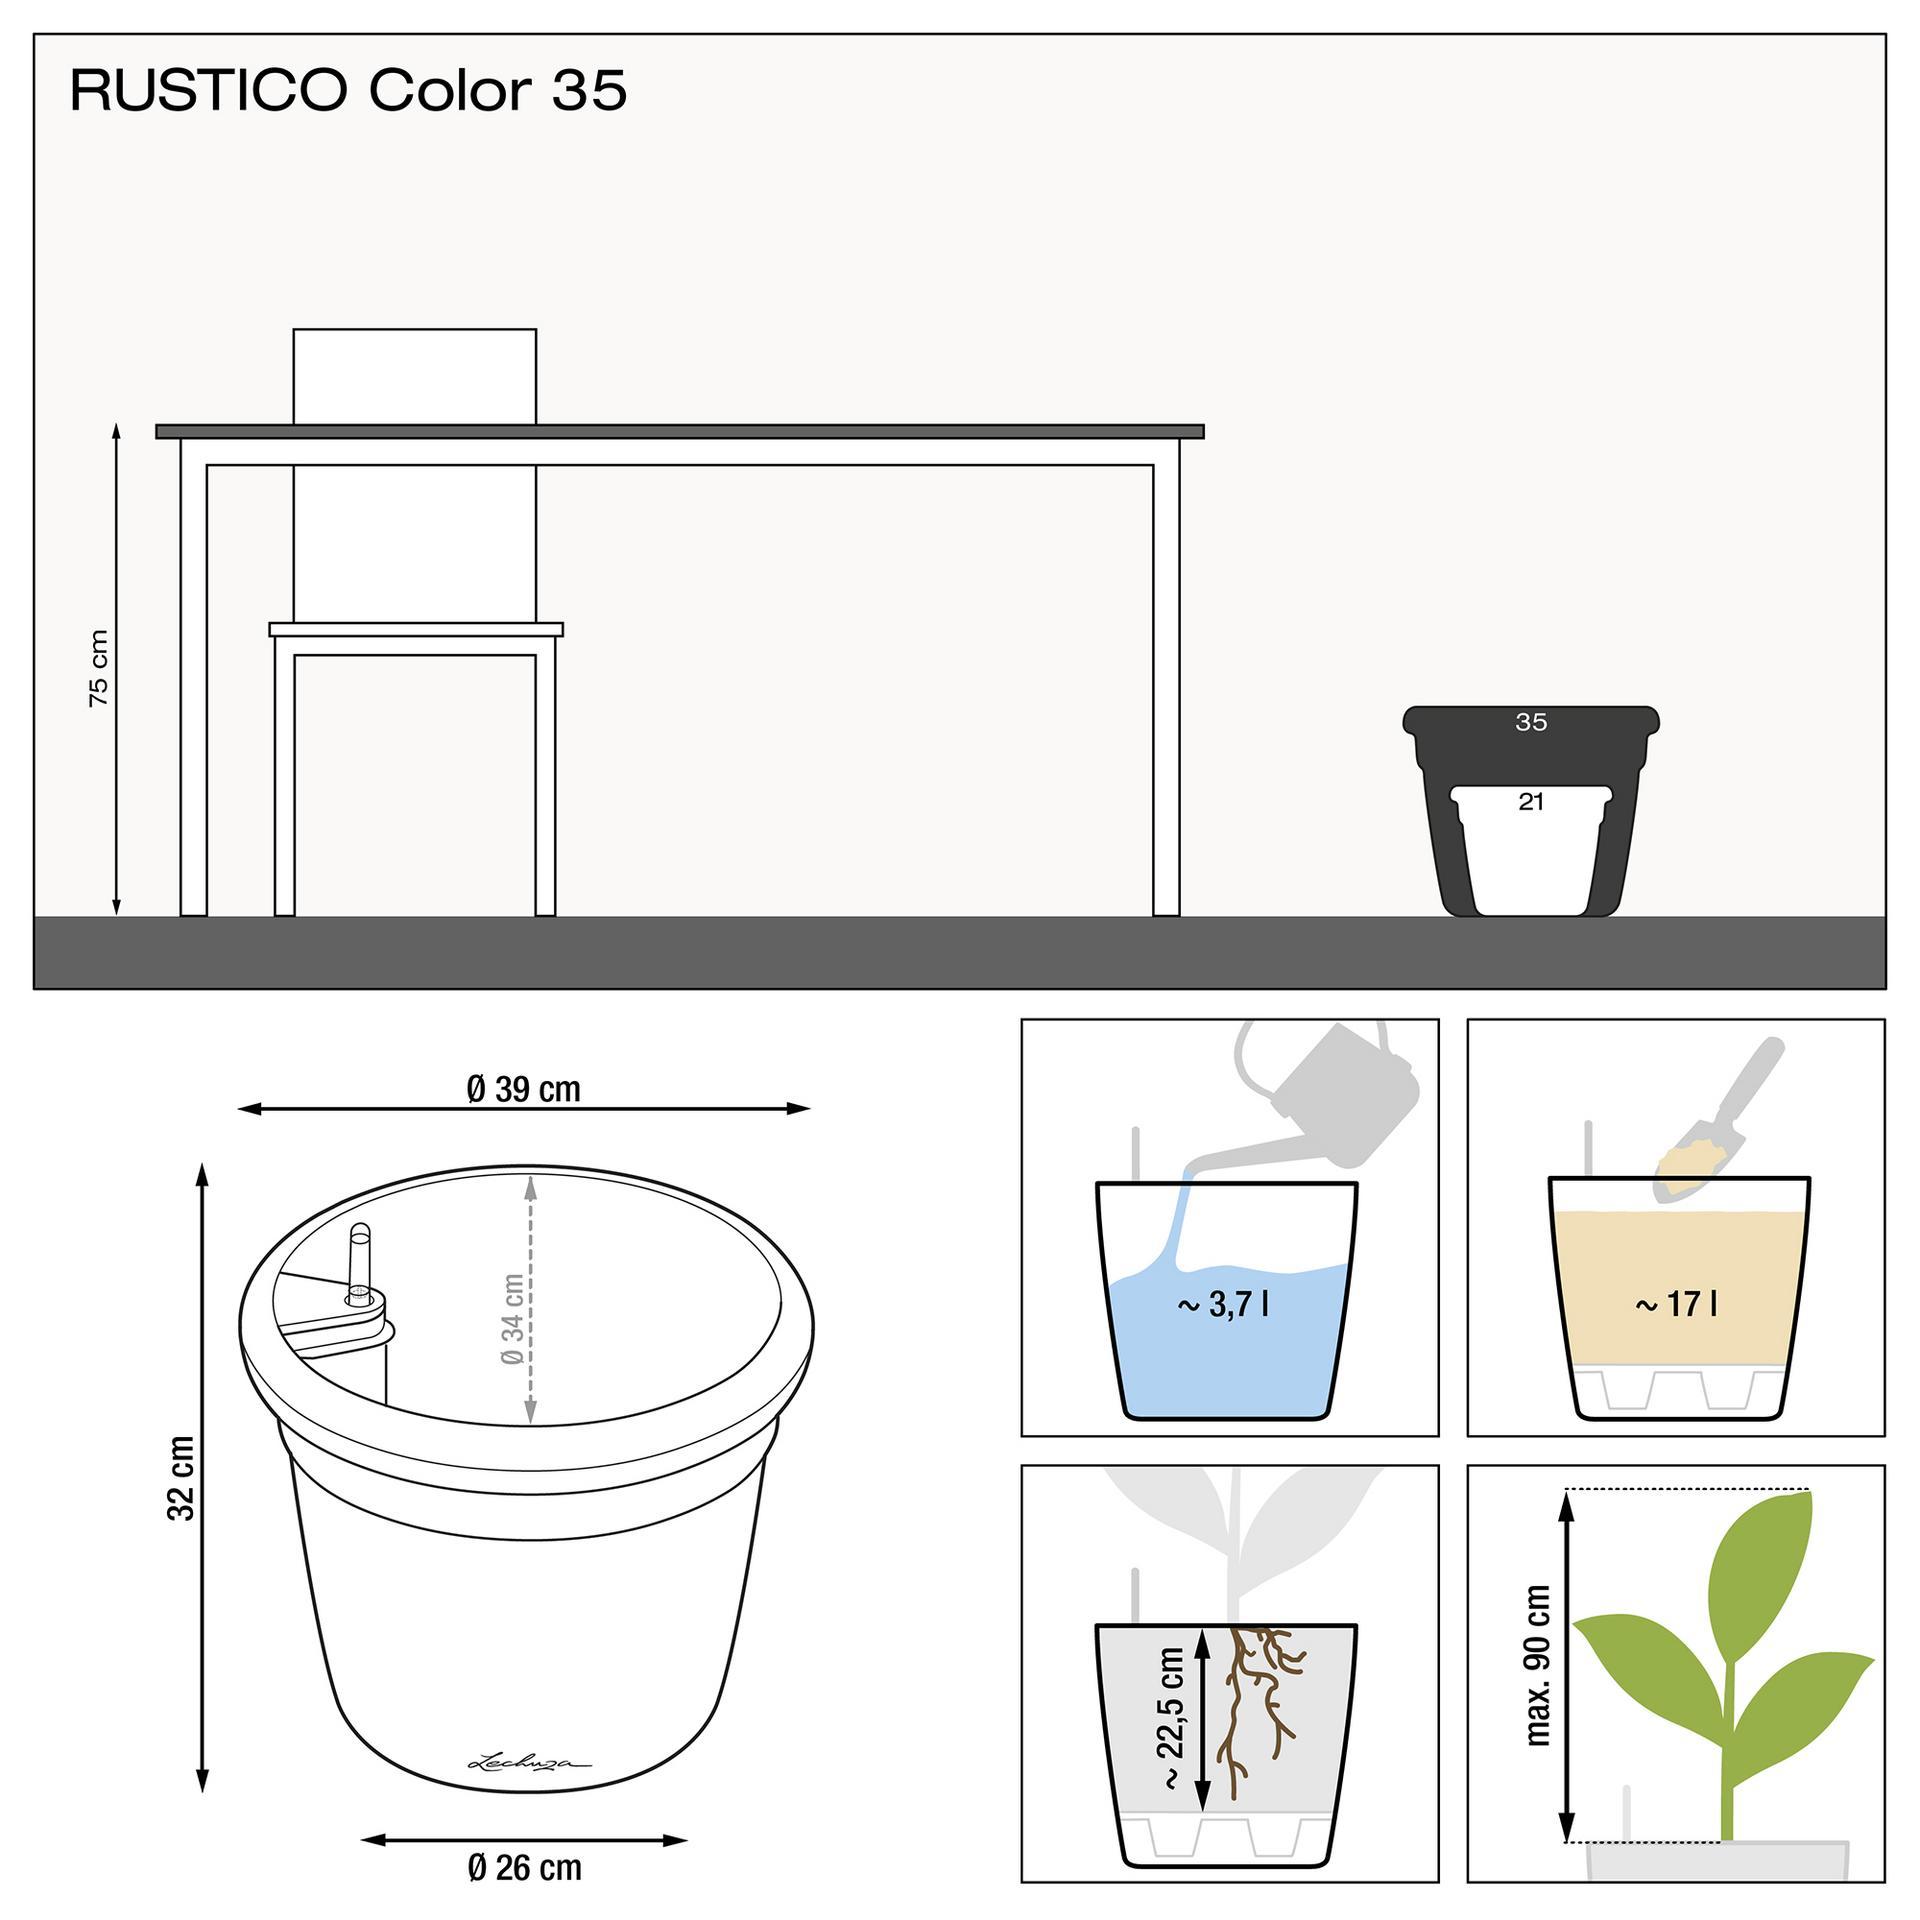 le_rustico-color35_product_addi_nz